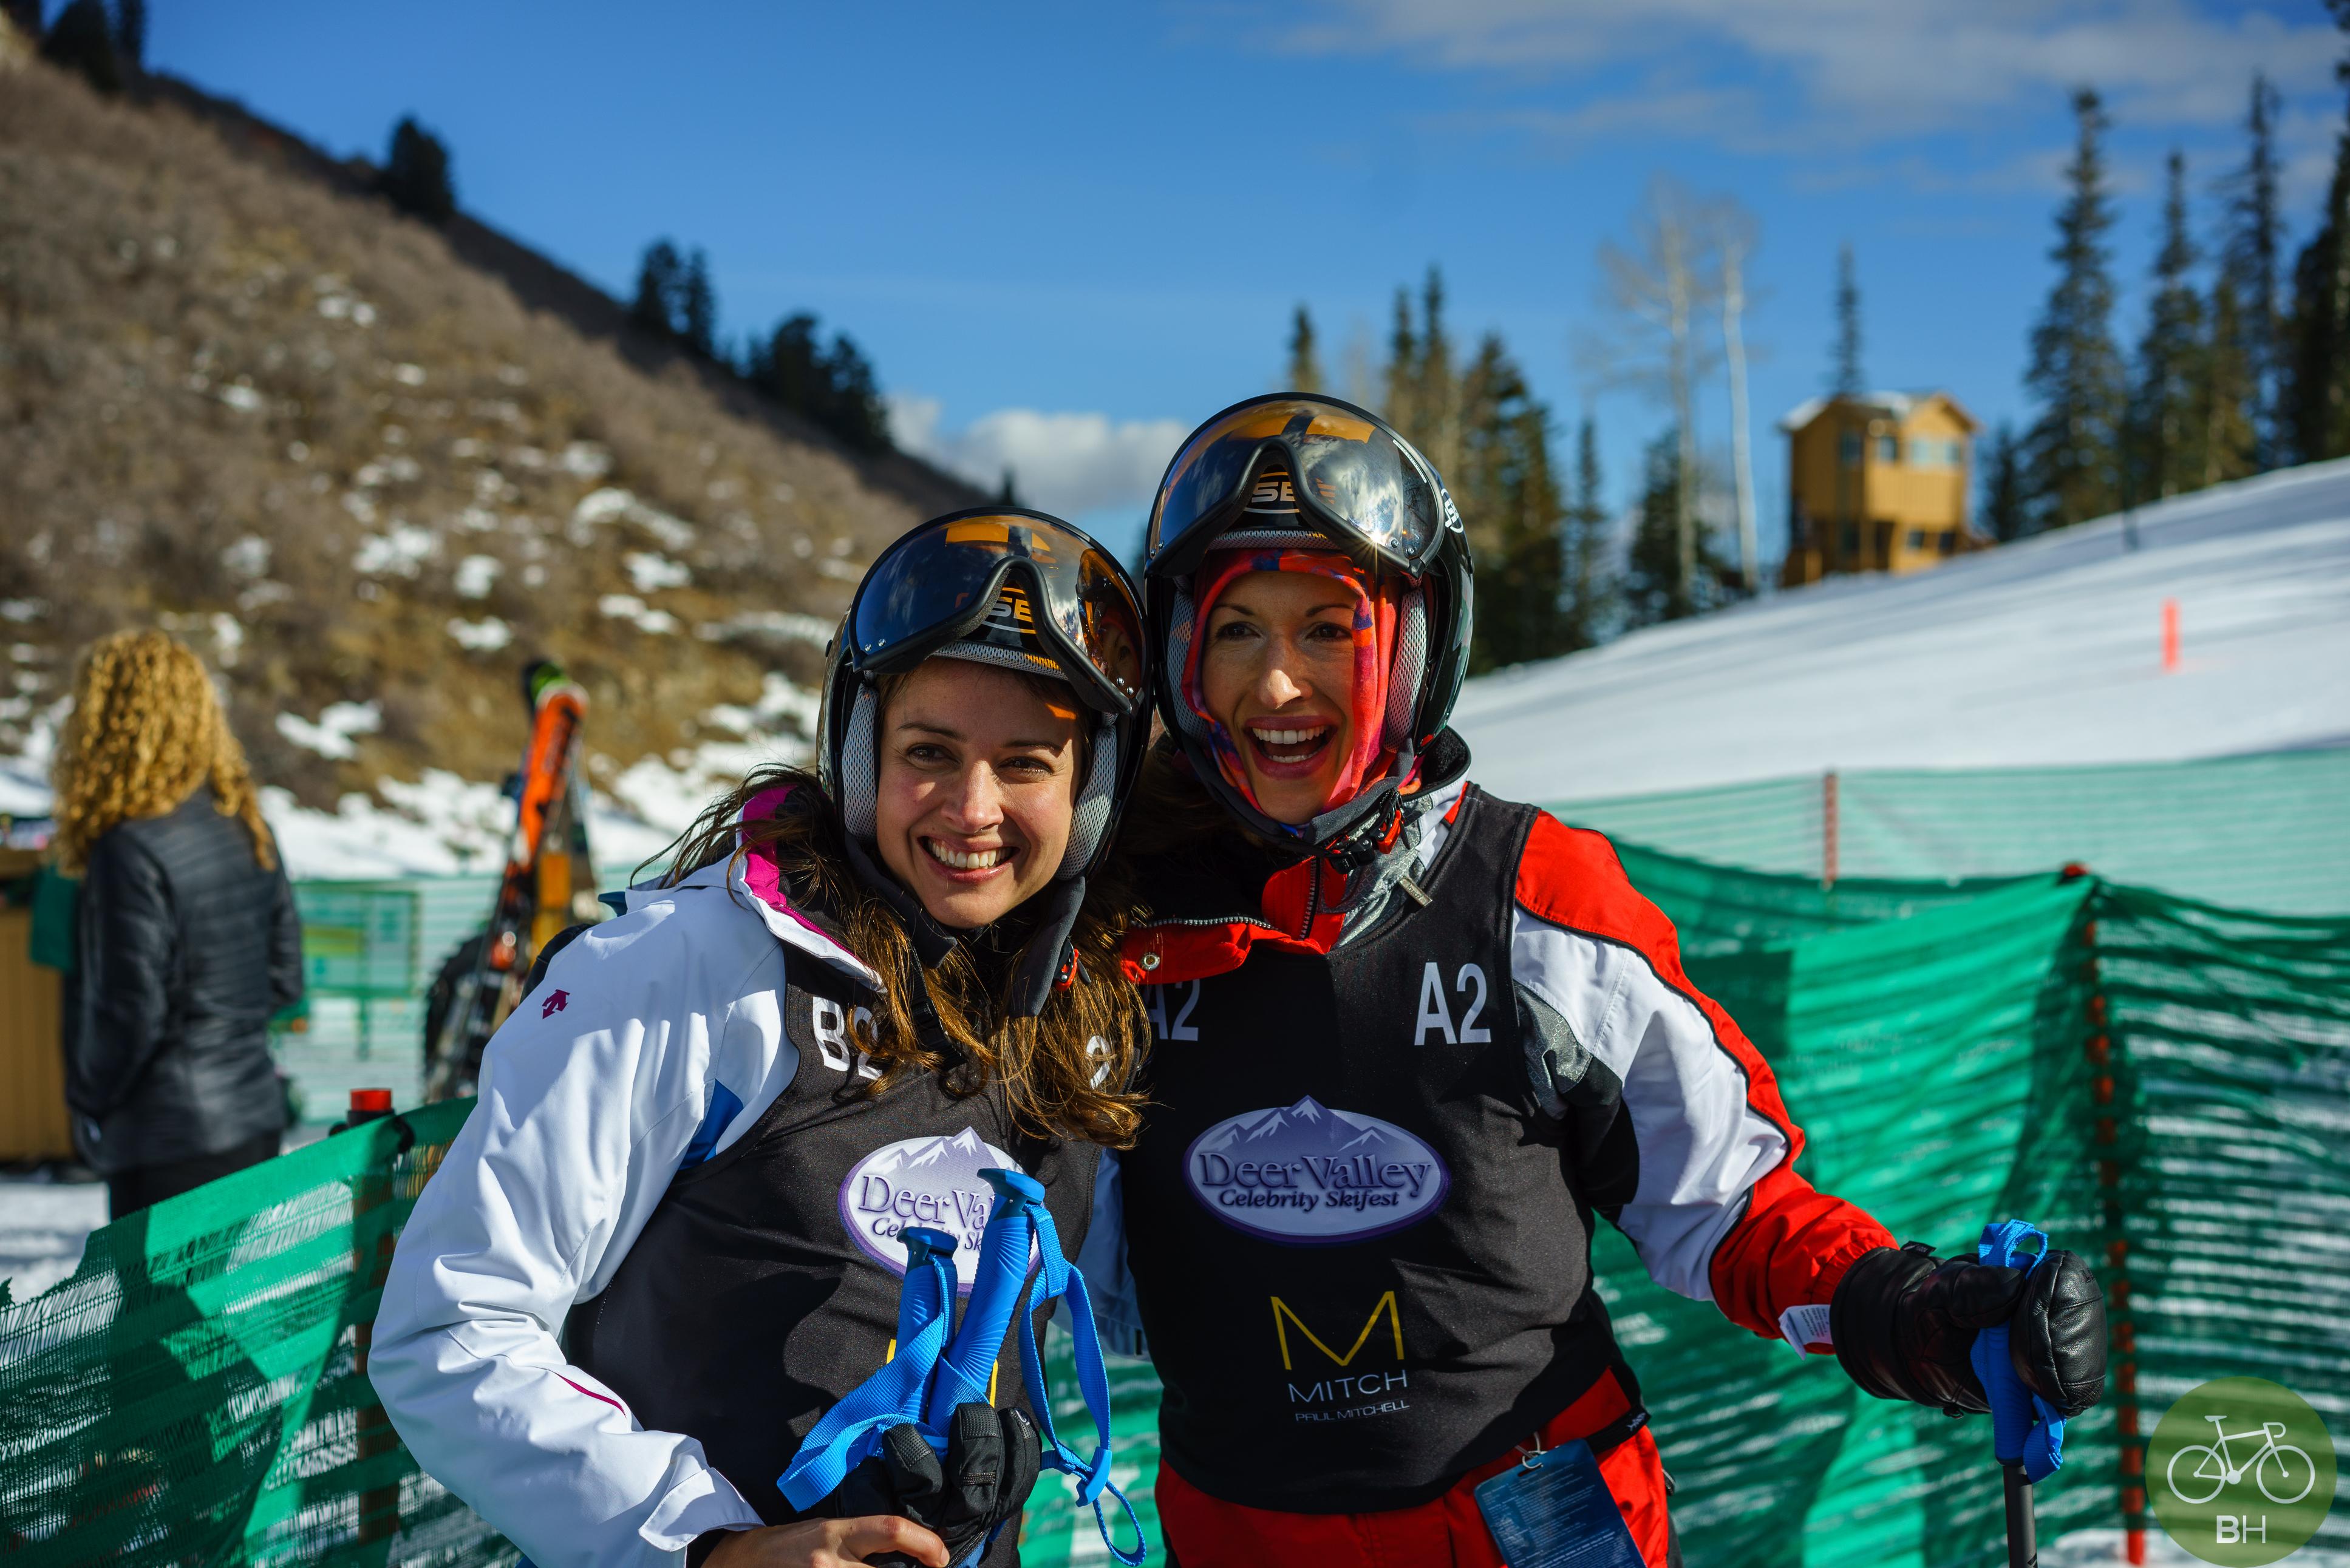 DV Celeb Skifest: Alysia Reiner Amy Ackker